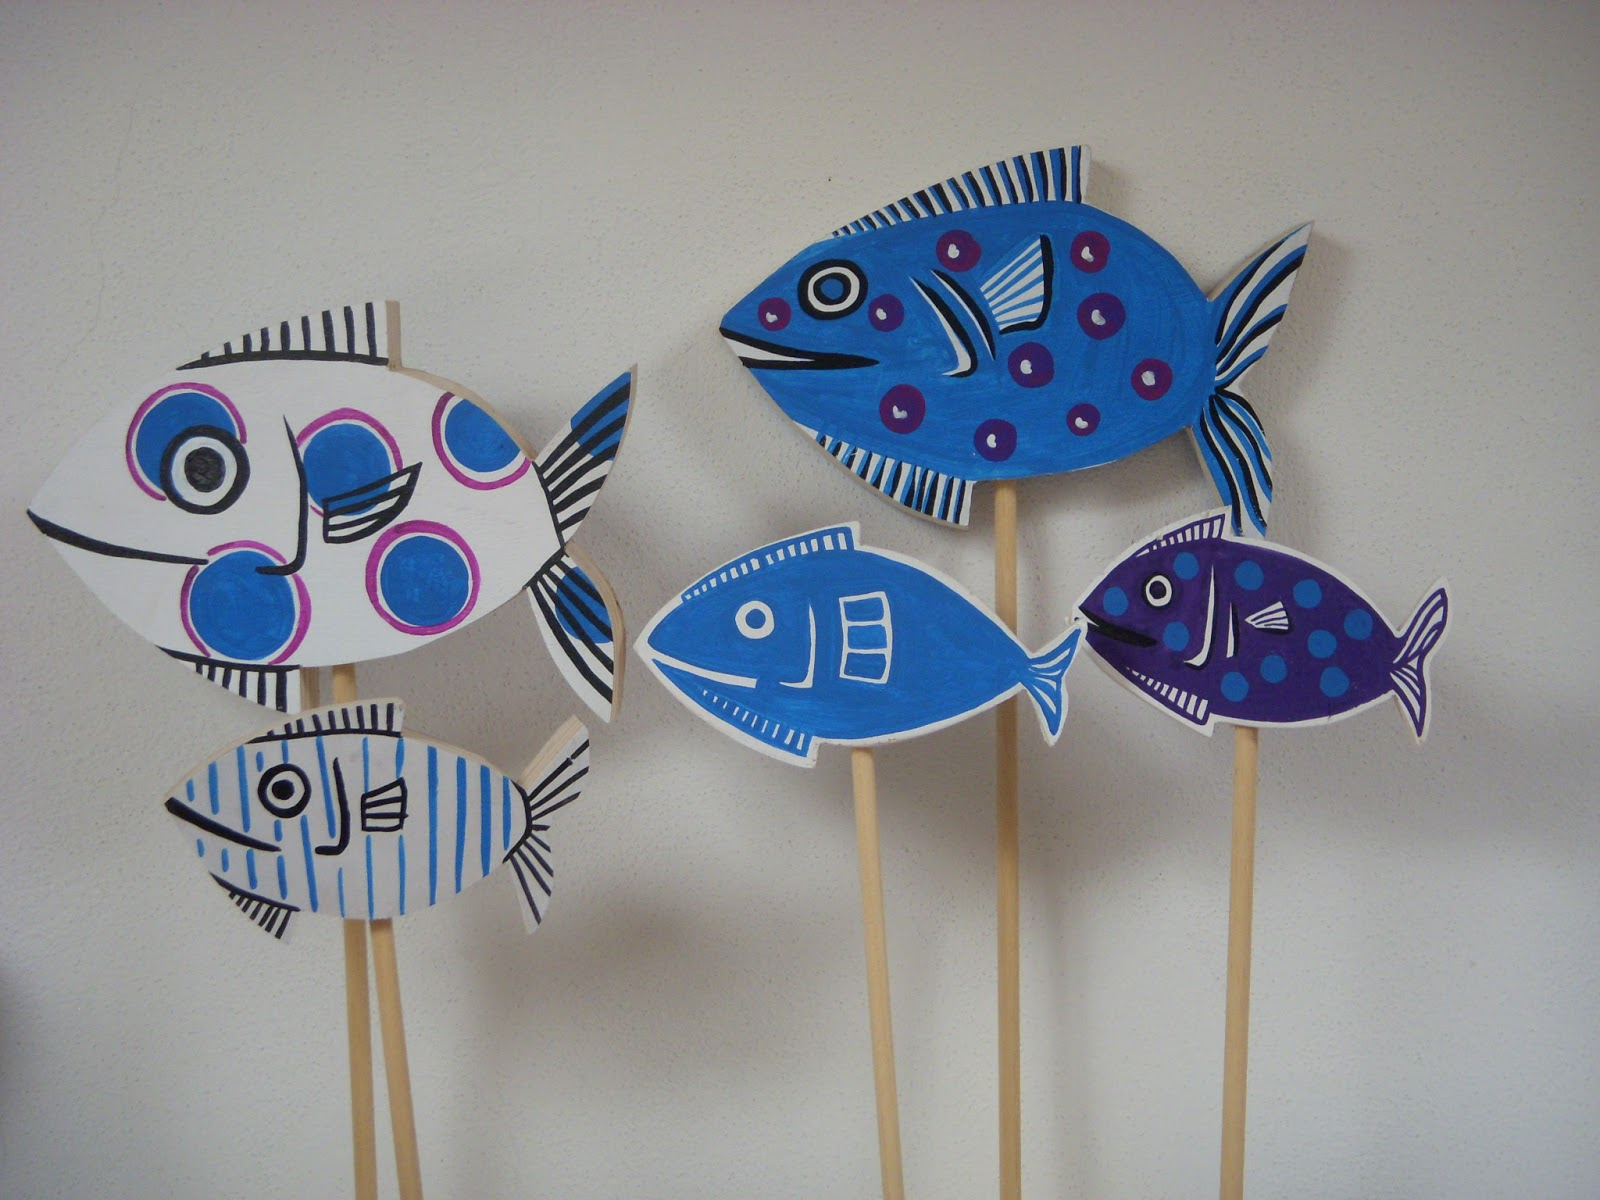 Famoso Vieniteloracconto: Laboratori creativi per bambini RF24